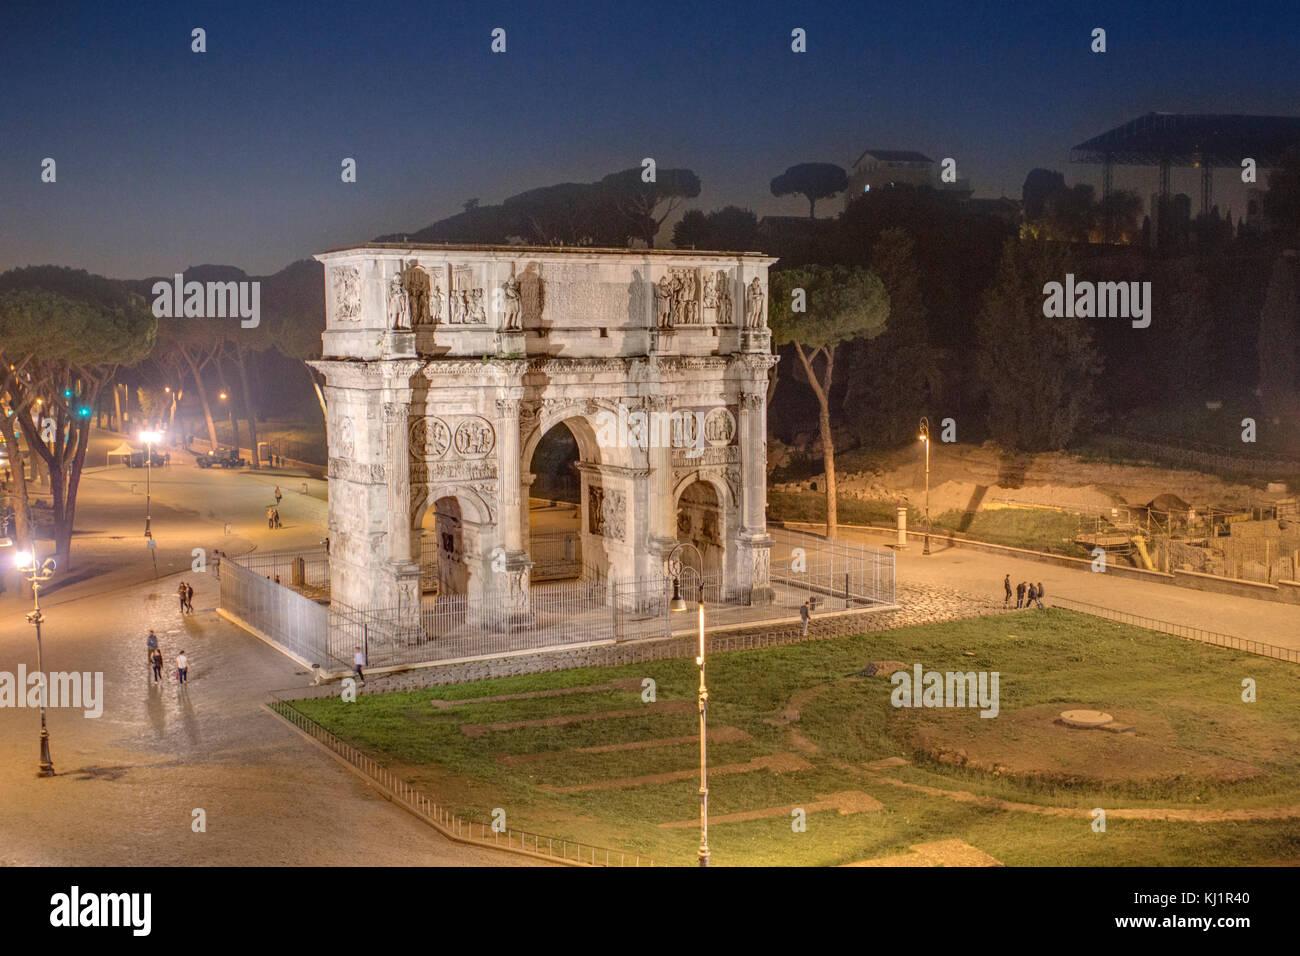 Arco di Costantino, Roma  --  Arch of Constantine, Rome - Stock Image